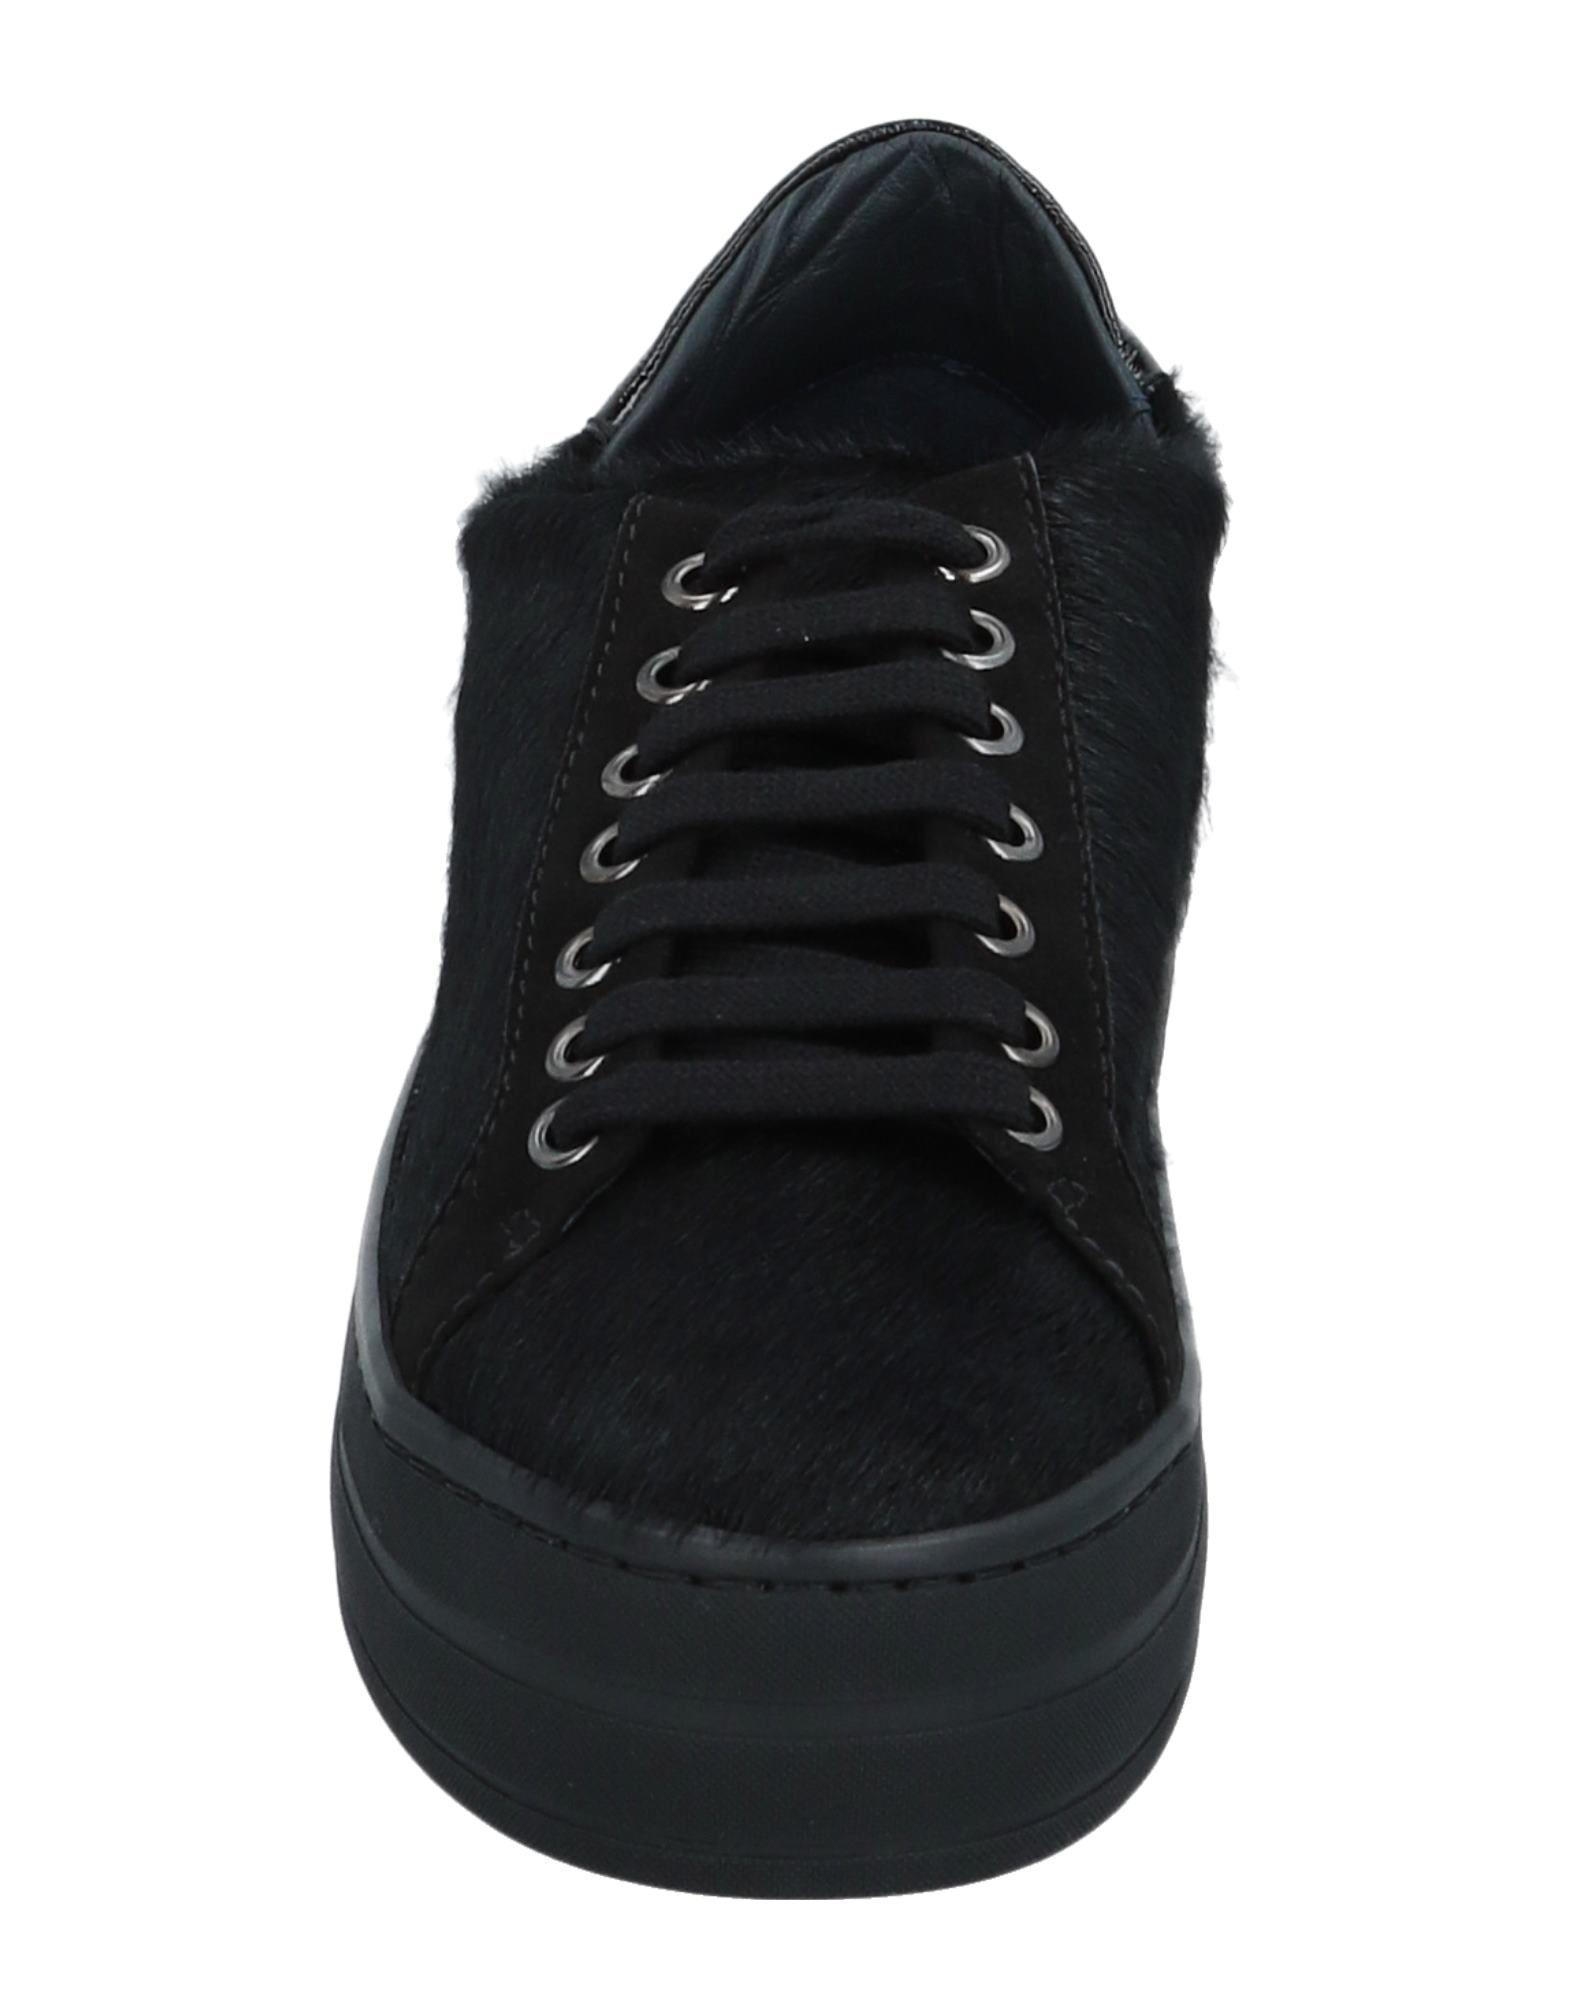 San Crispino Sneakers Damen  11523259LN Gute Qualität beliebte Schuhe